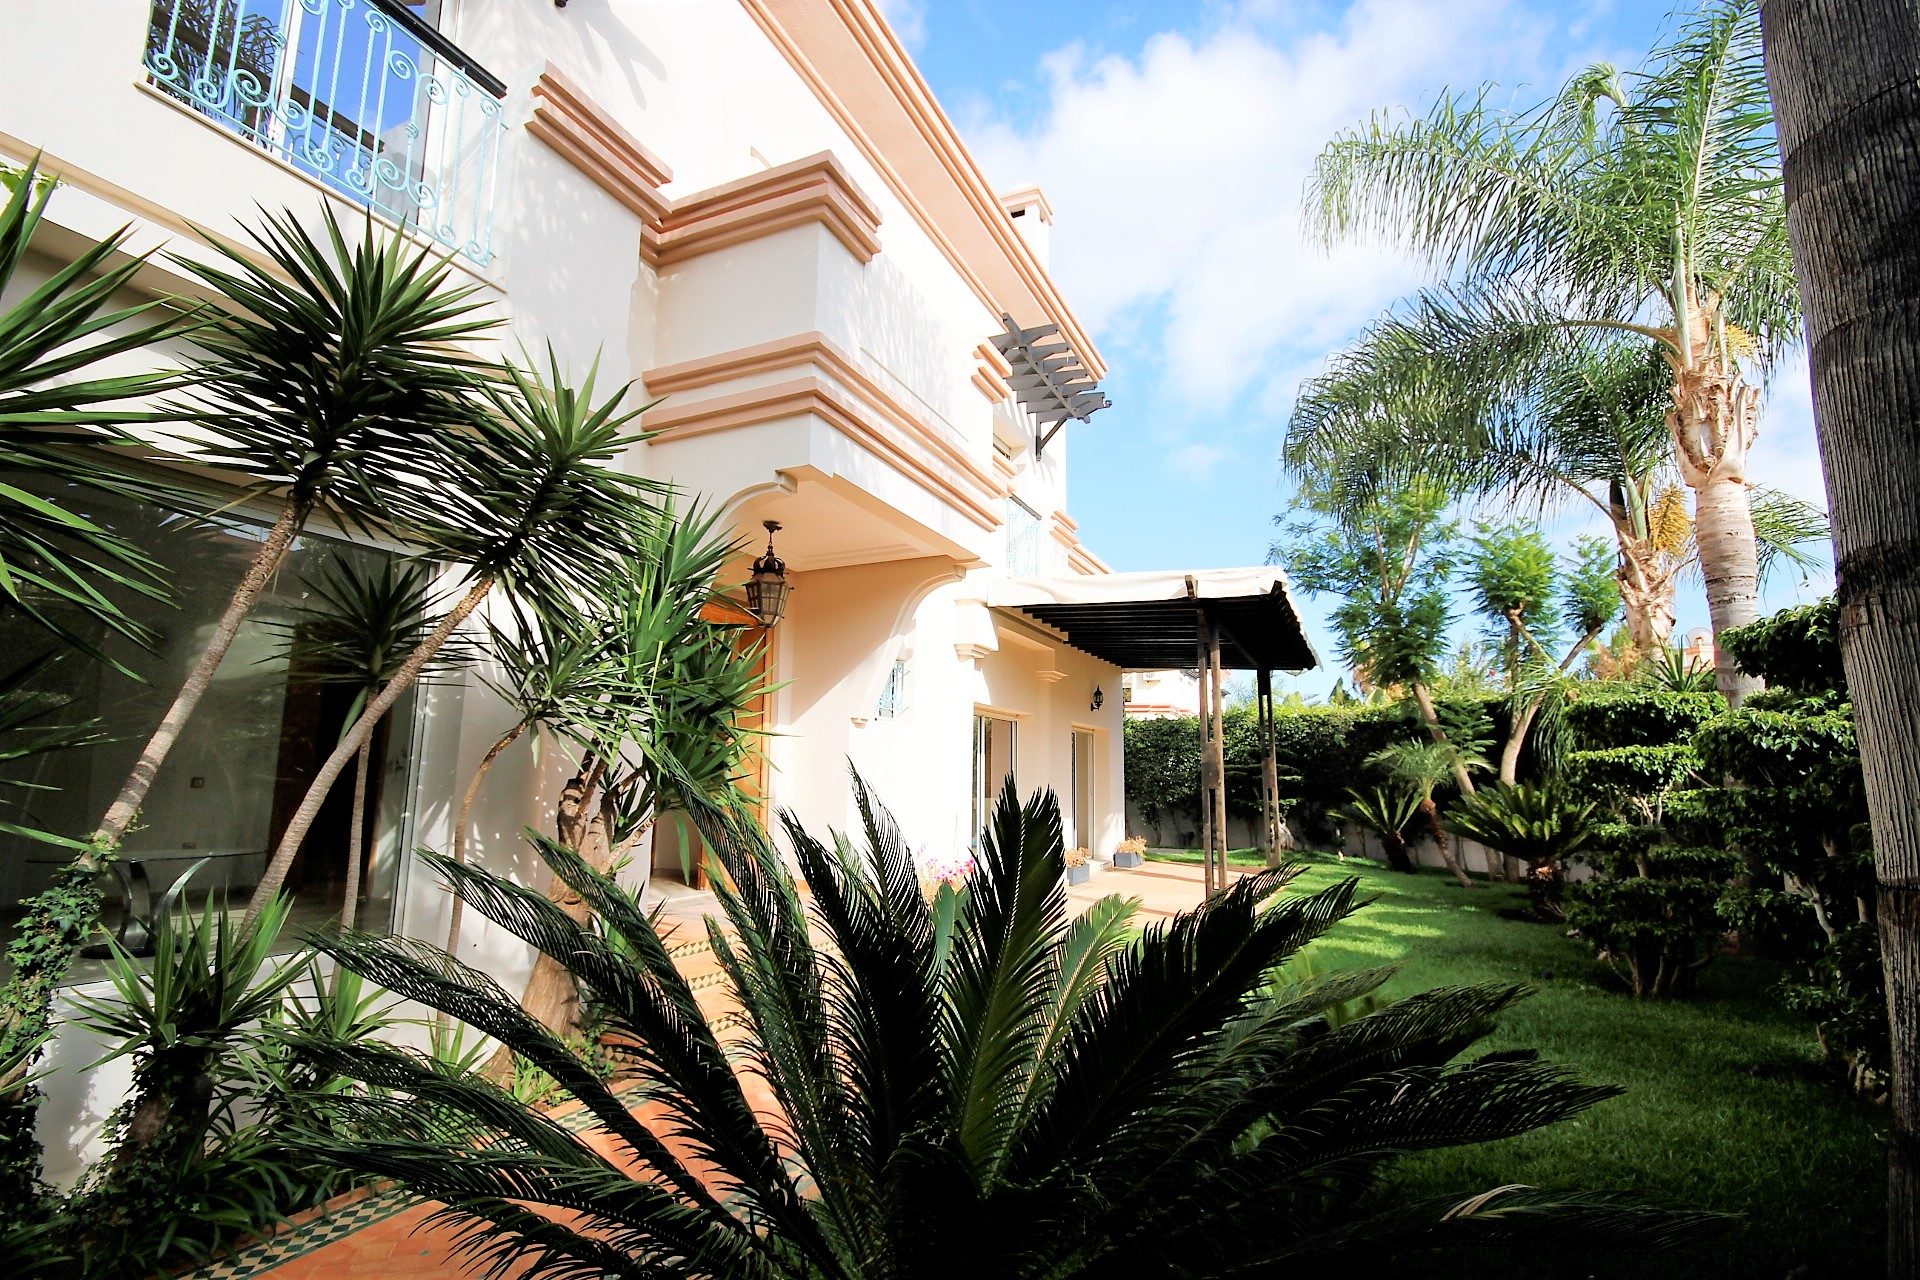 Maroc, Casablanca, Californie, loue agréable maison 560 m²